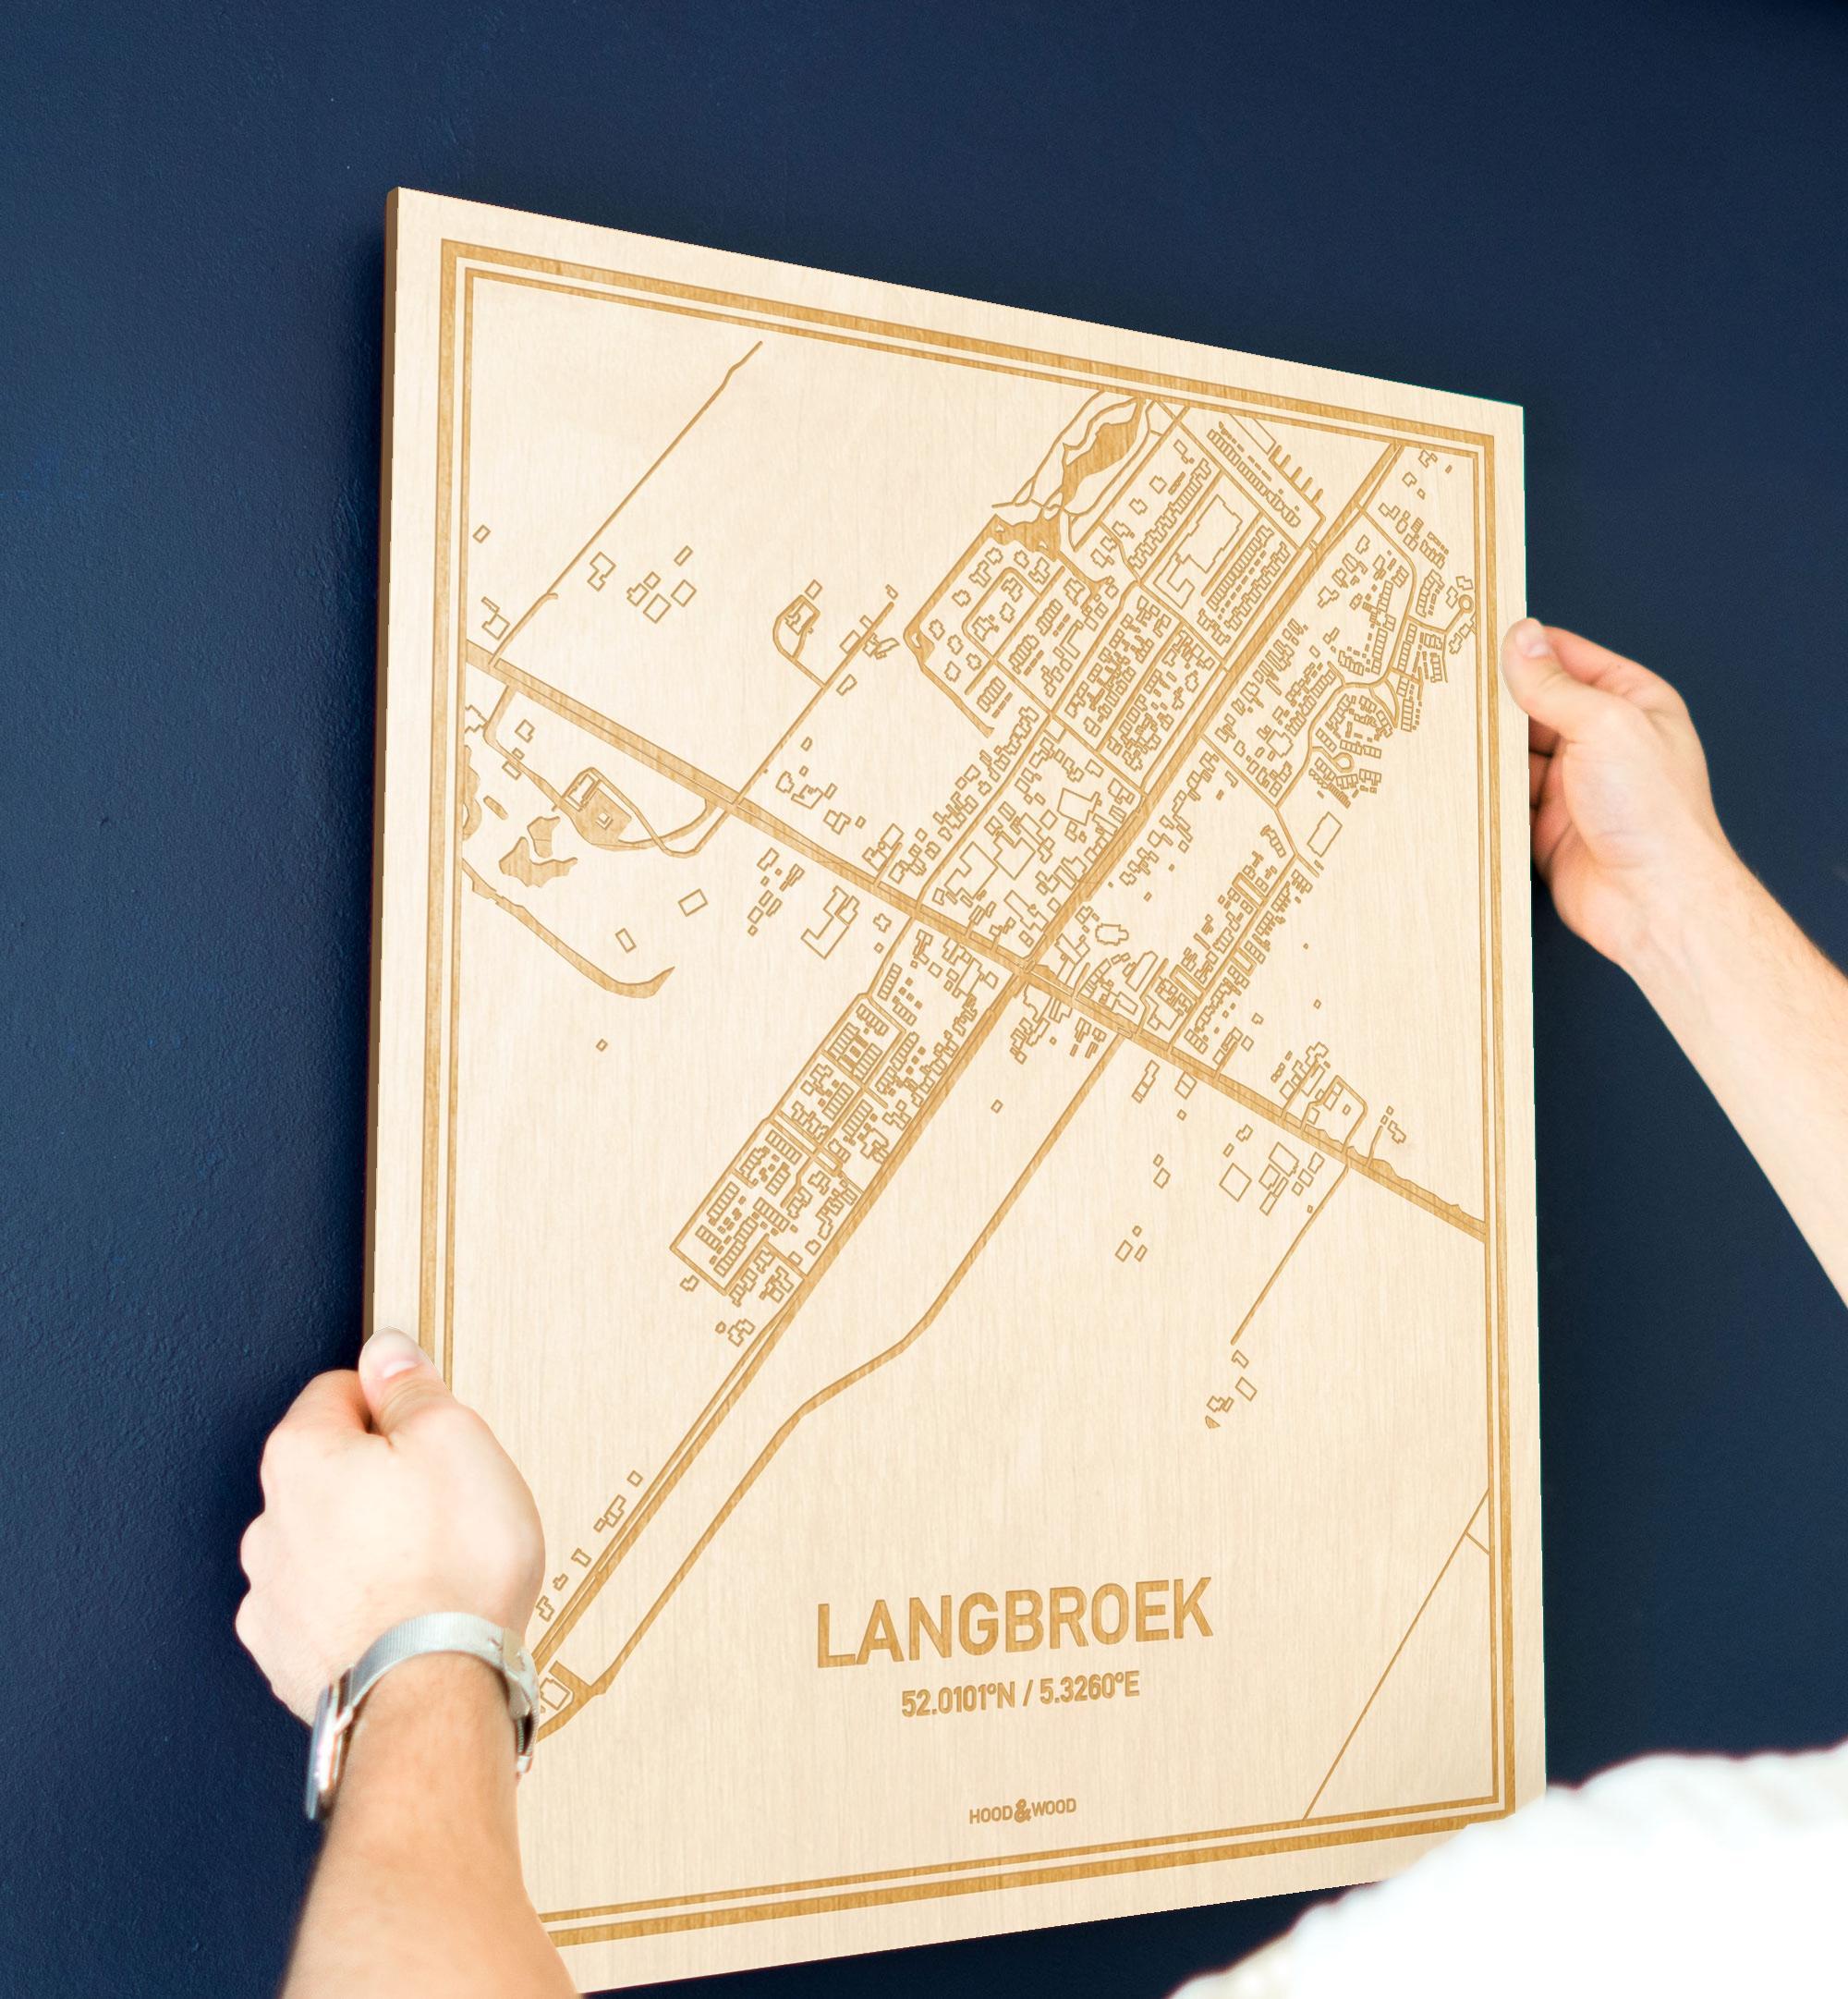 Een man hangt de houten plattegrond Langbroek aan zijn blauwe muur ter decoratie. Je ziet alleen zijn handen de kaart van deze speciale in Utrecht vasthouden.